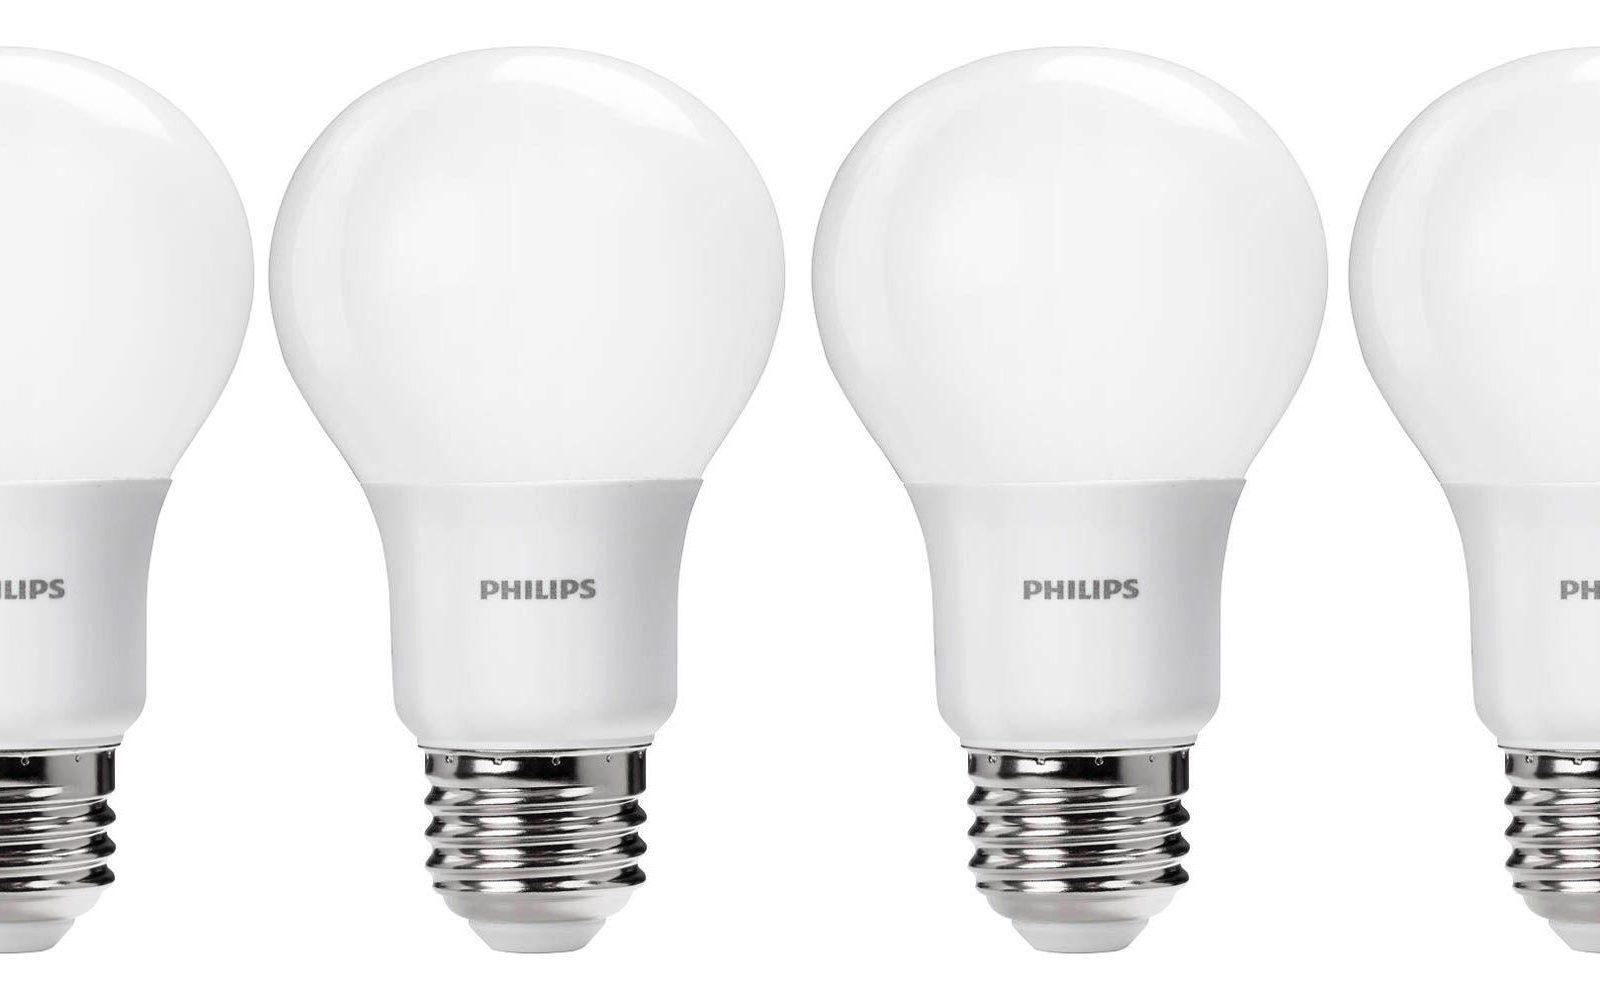 Green Deals: 4-pack Philips 60W A19 Daylight LED Light Bulbs $9 (Reg. $12+), more